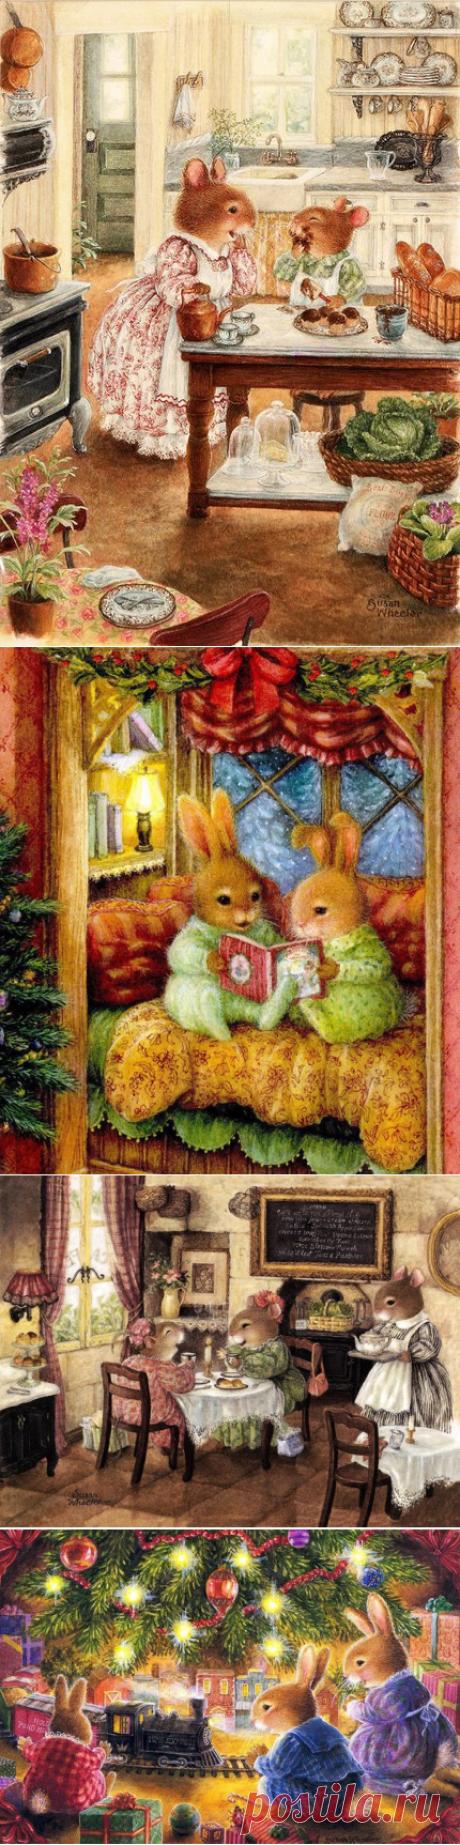 Зимняя сказка от художницы Susan Wheeler